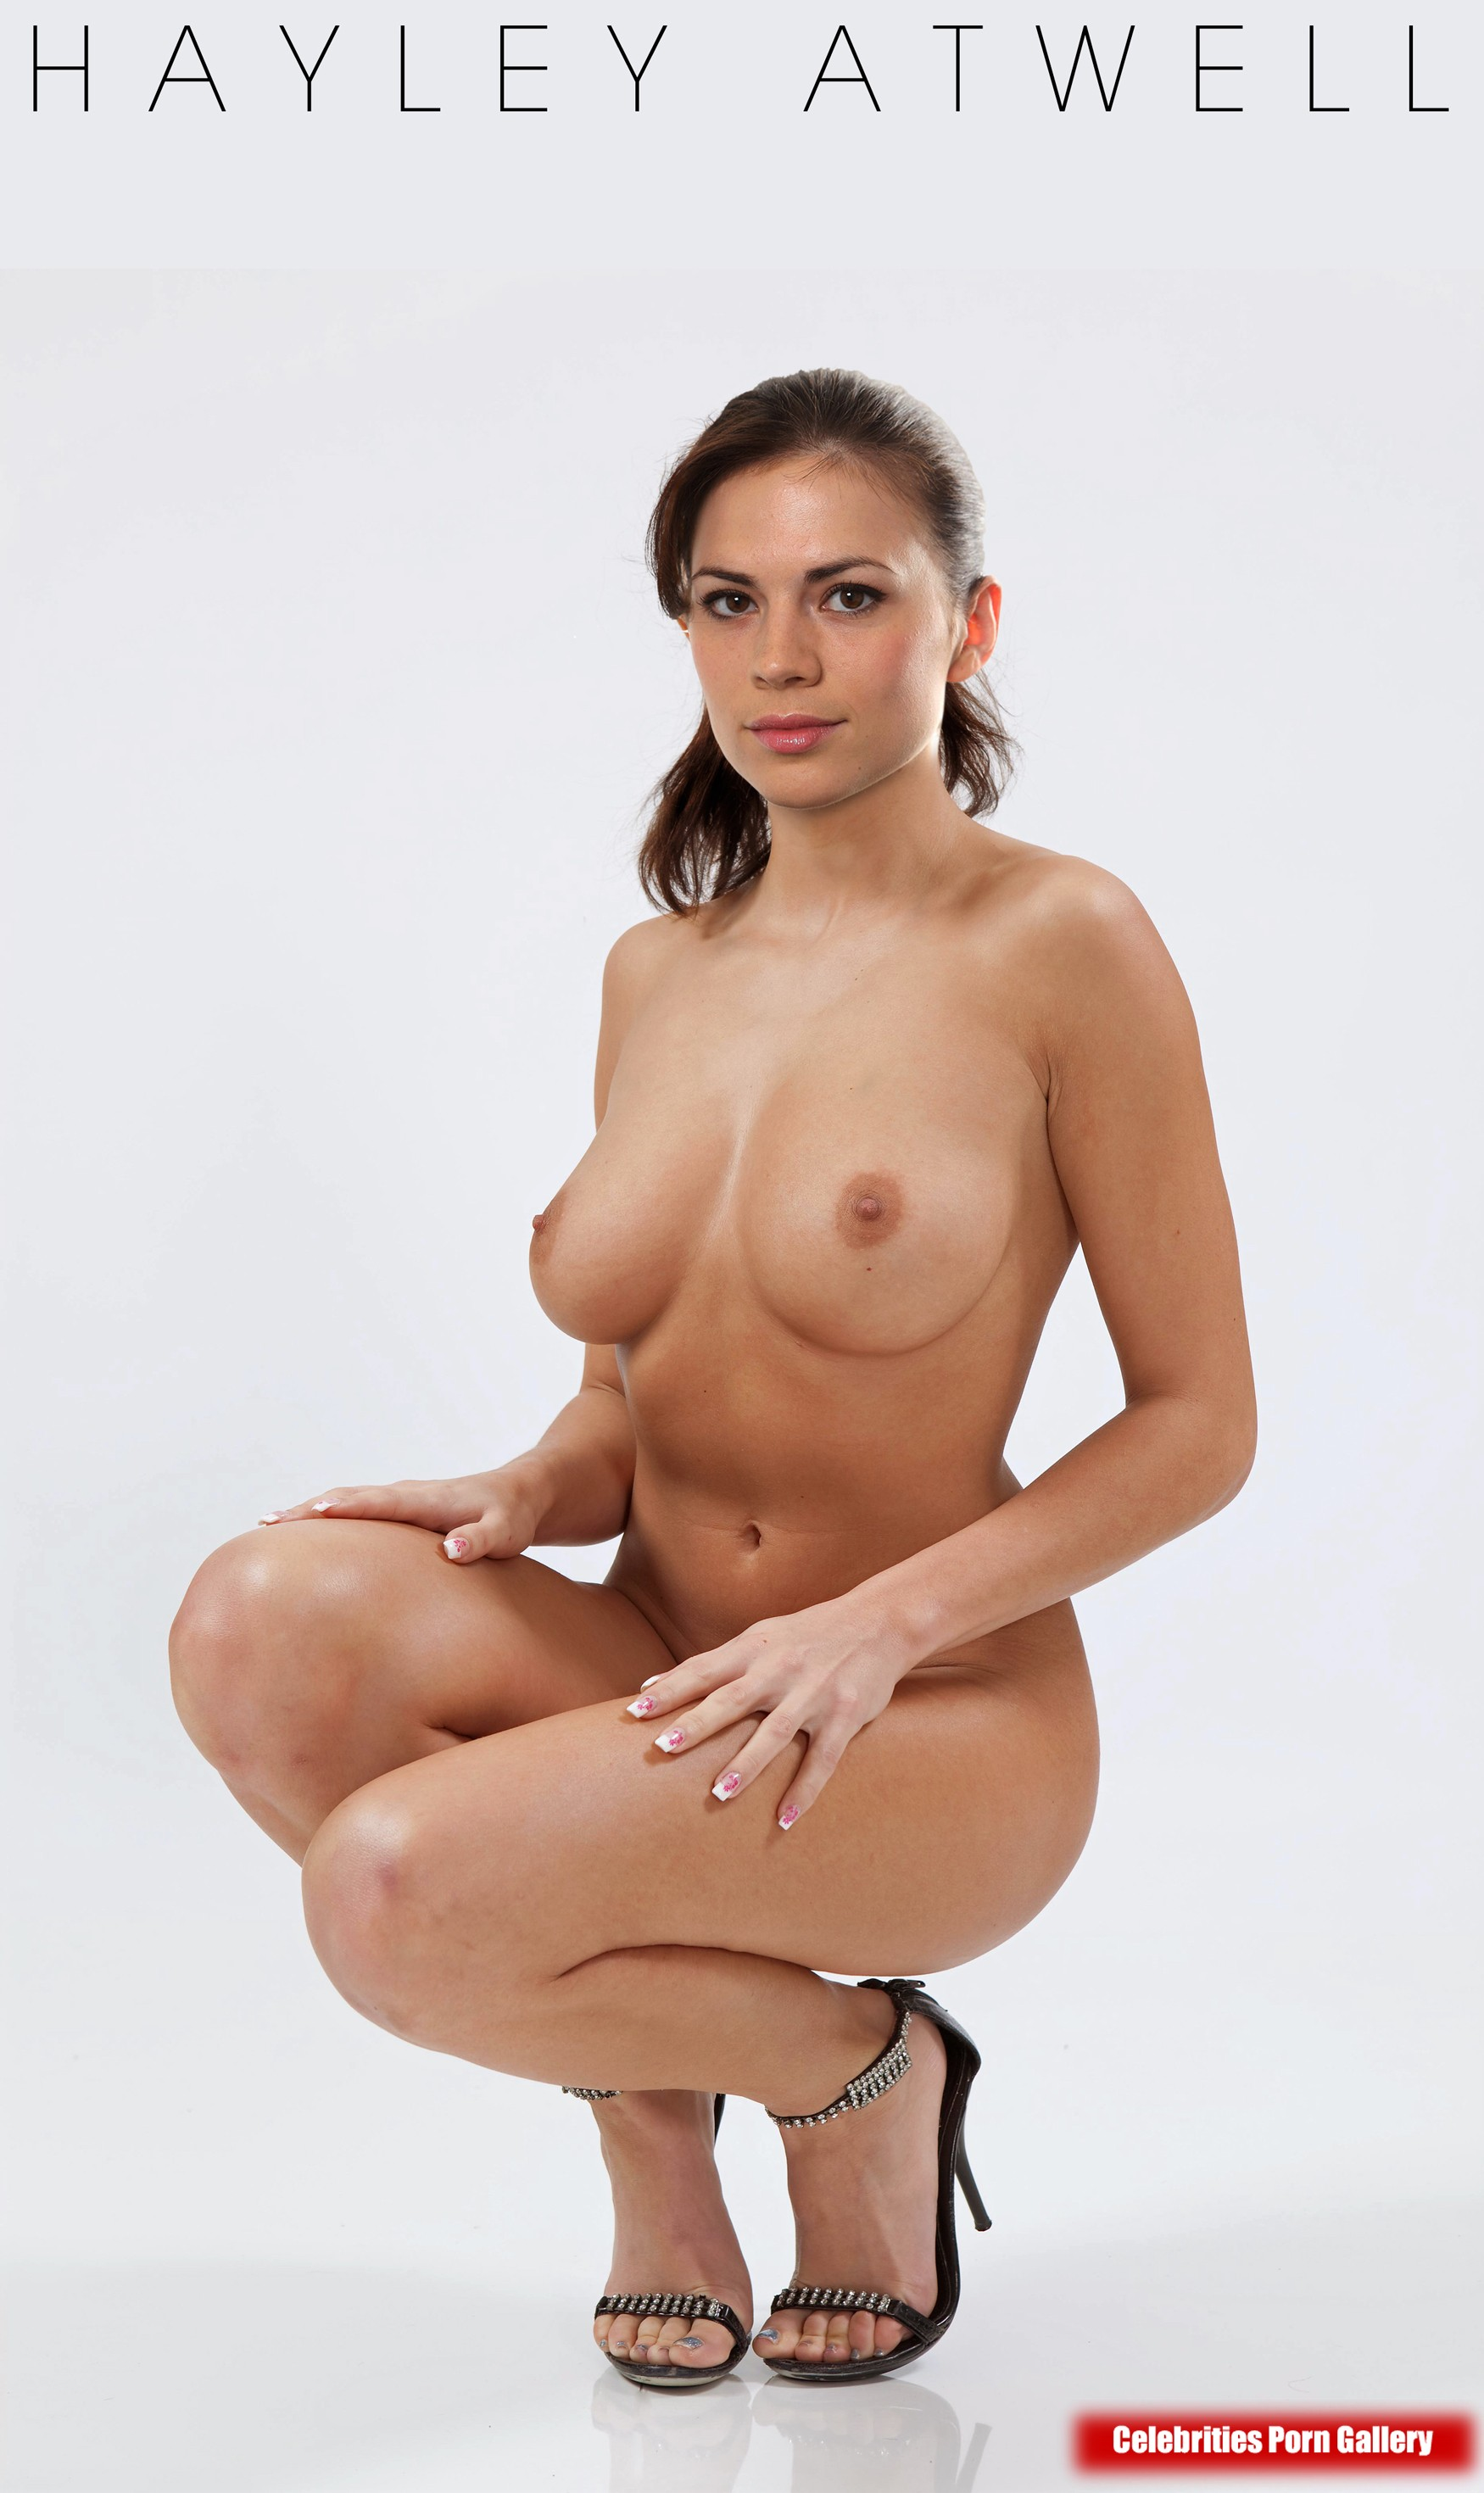 Хейли этвелл голая